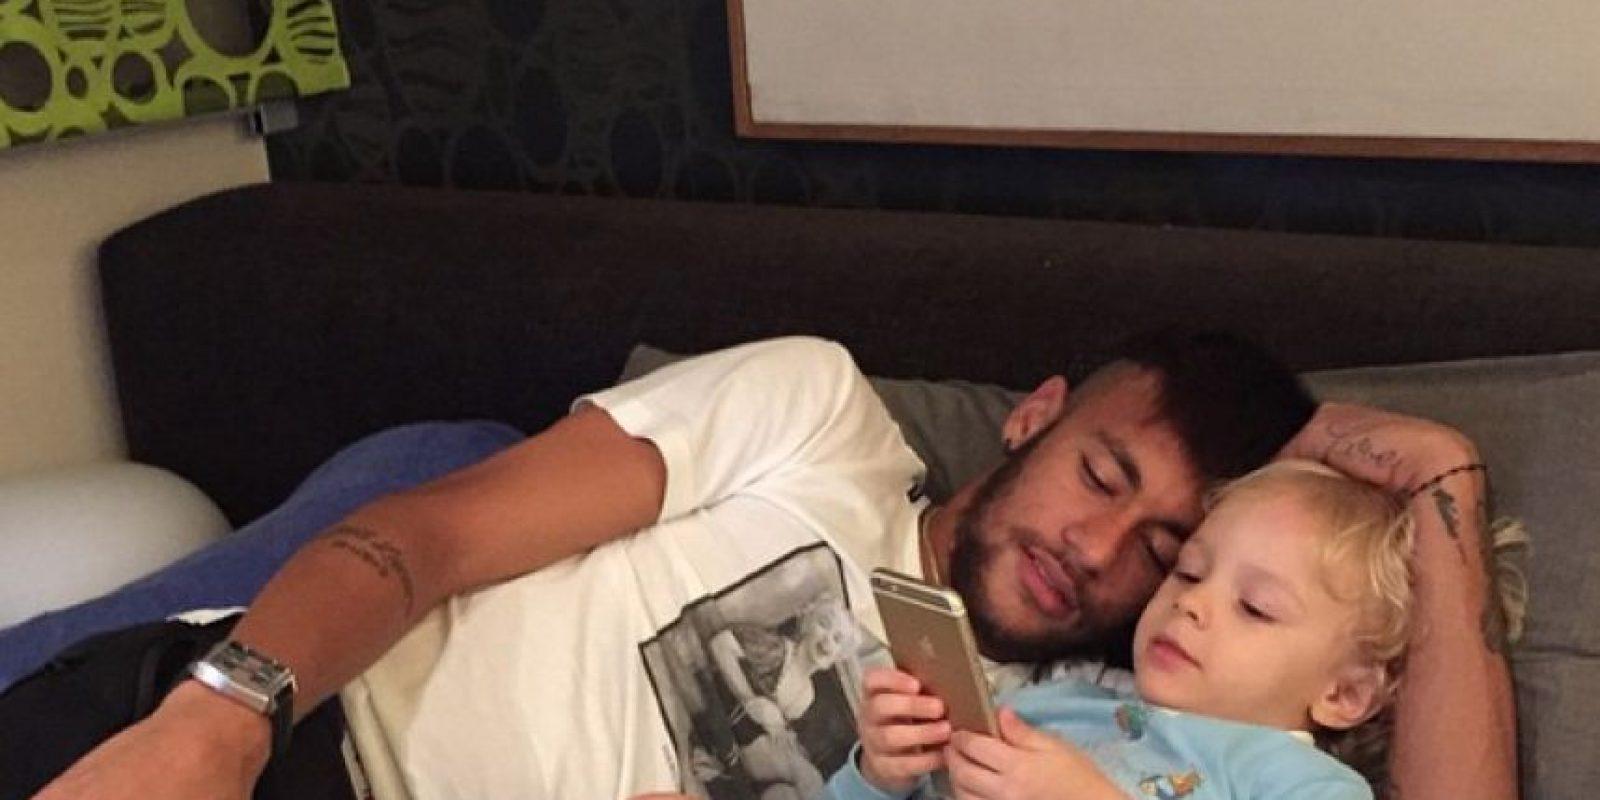 Así se divierte Neymar en sus redes sociales Foto:Instagram: @neymarjr